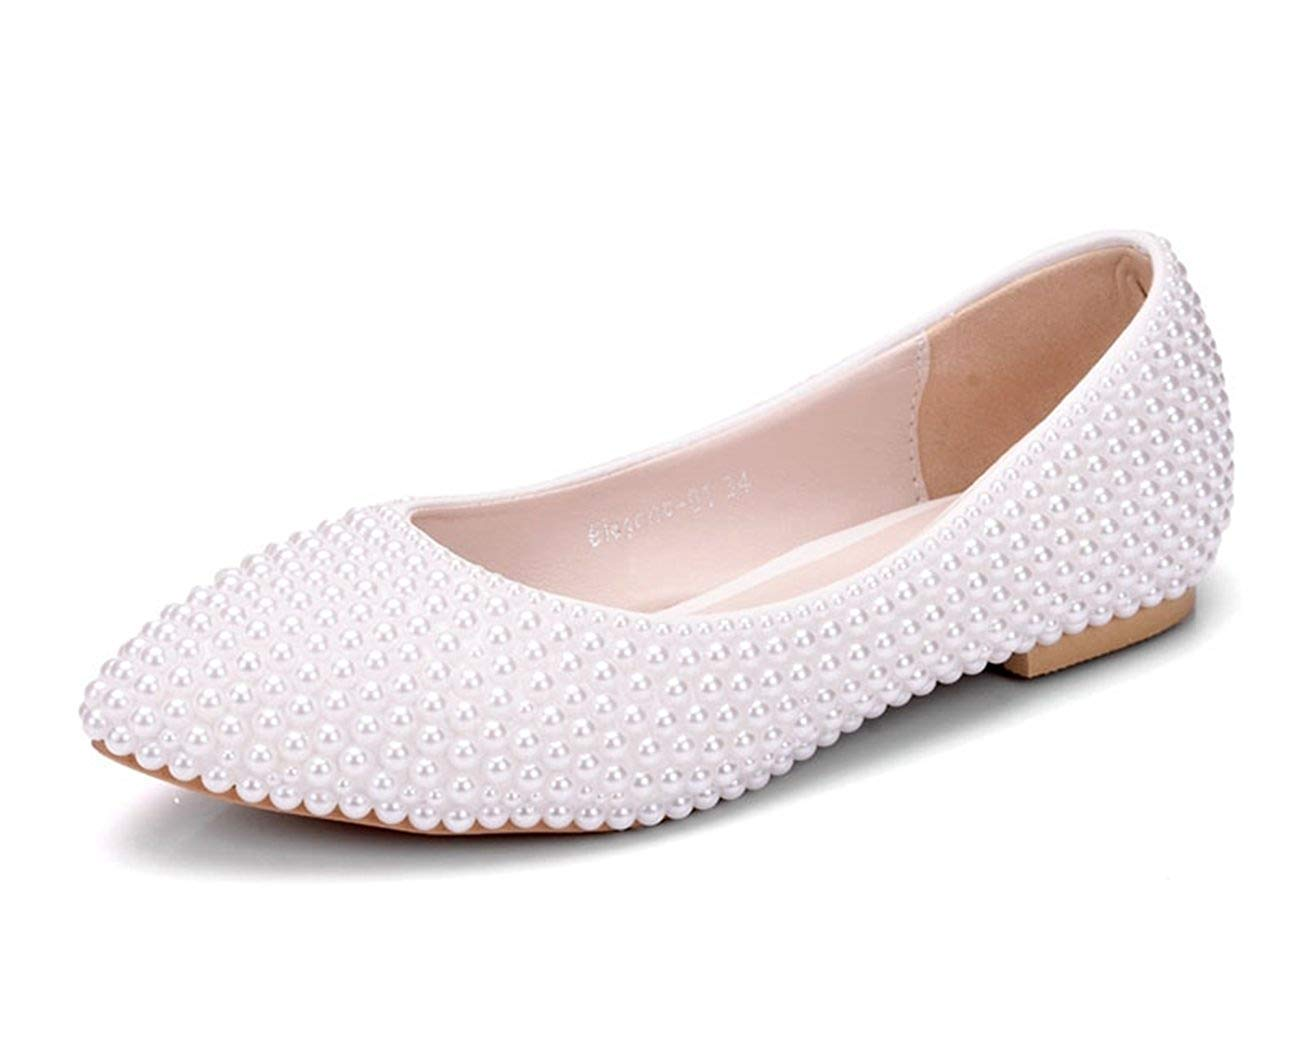 ZHRUI Mesdames Poited Toe Perles Perles Perles Perles De Mariée ApparteHommes ts De Mariée Chaussures Habillées Confortables (coloré : Ivory-Flat, Taille : 3.5 UK)B07JZBWT3PParent 1050bb